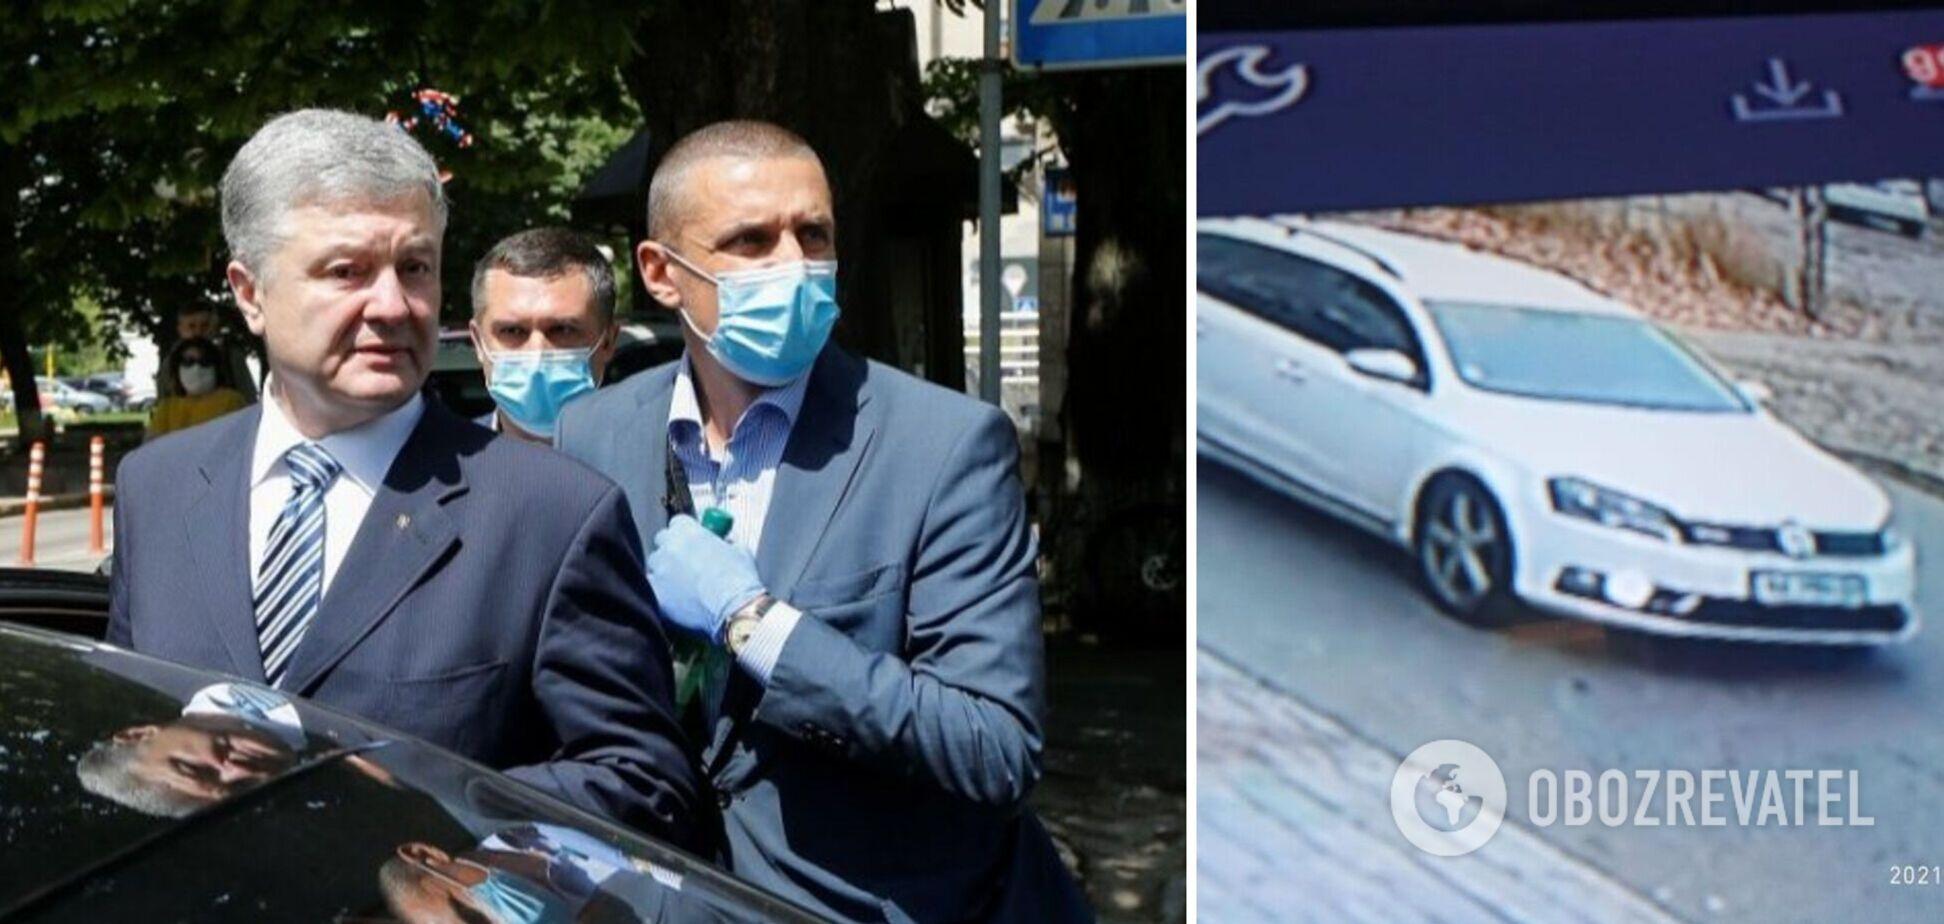 В 'ЕС' заявили, что власть снова организовала слежку за Порошенко